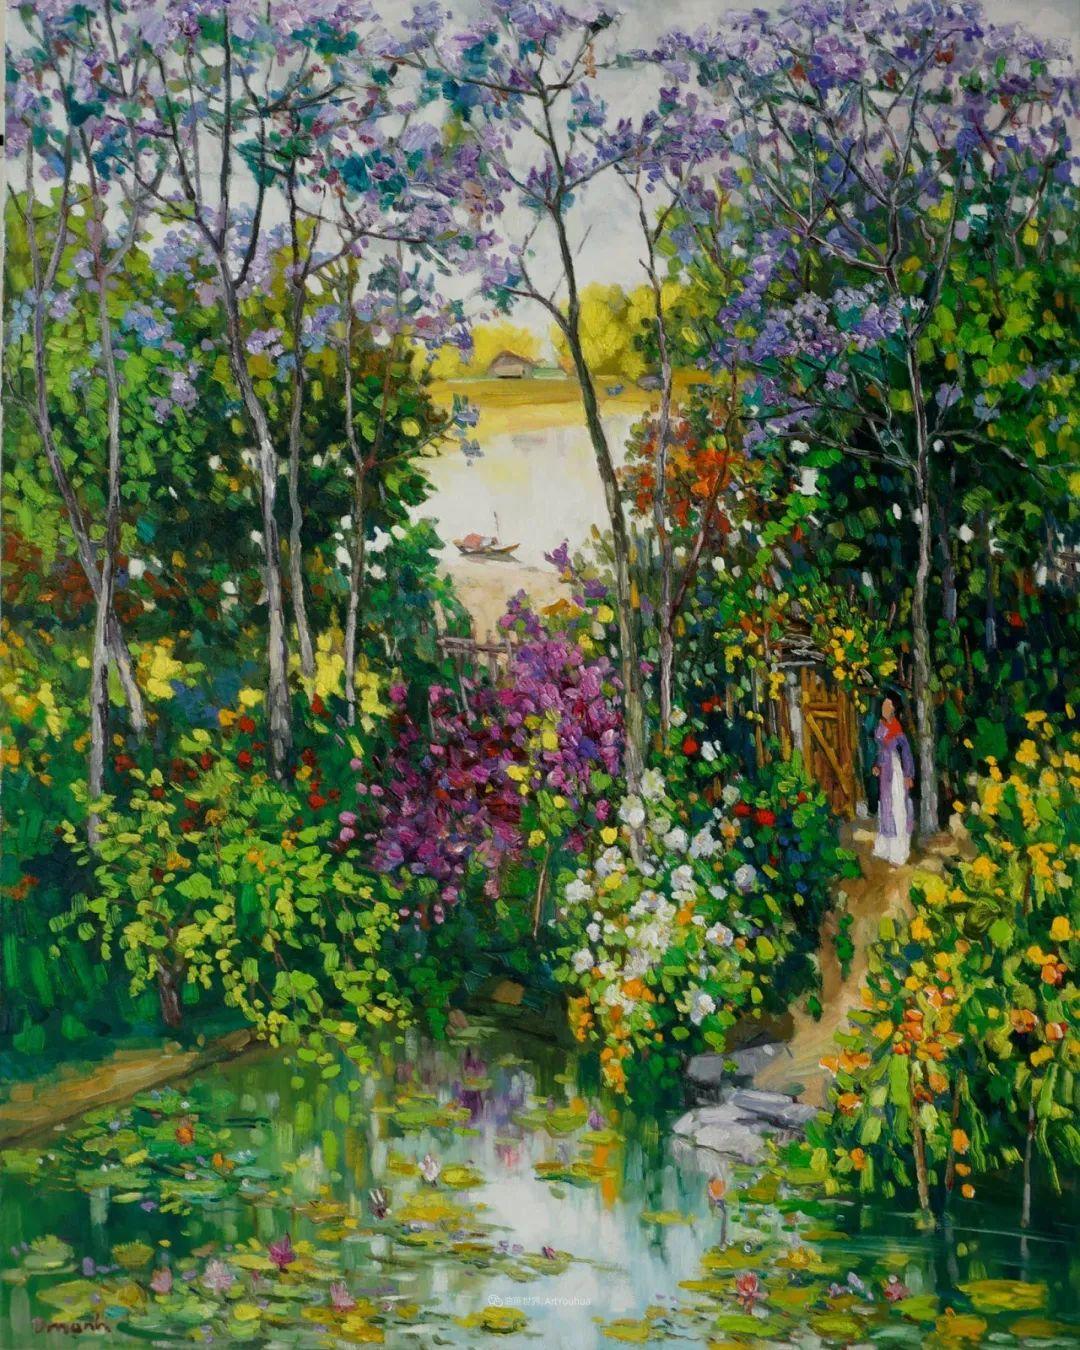 越南画家笔下的美景、美人!插图9